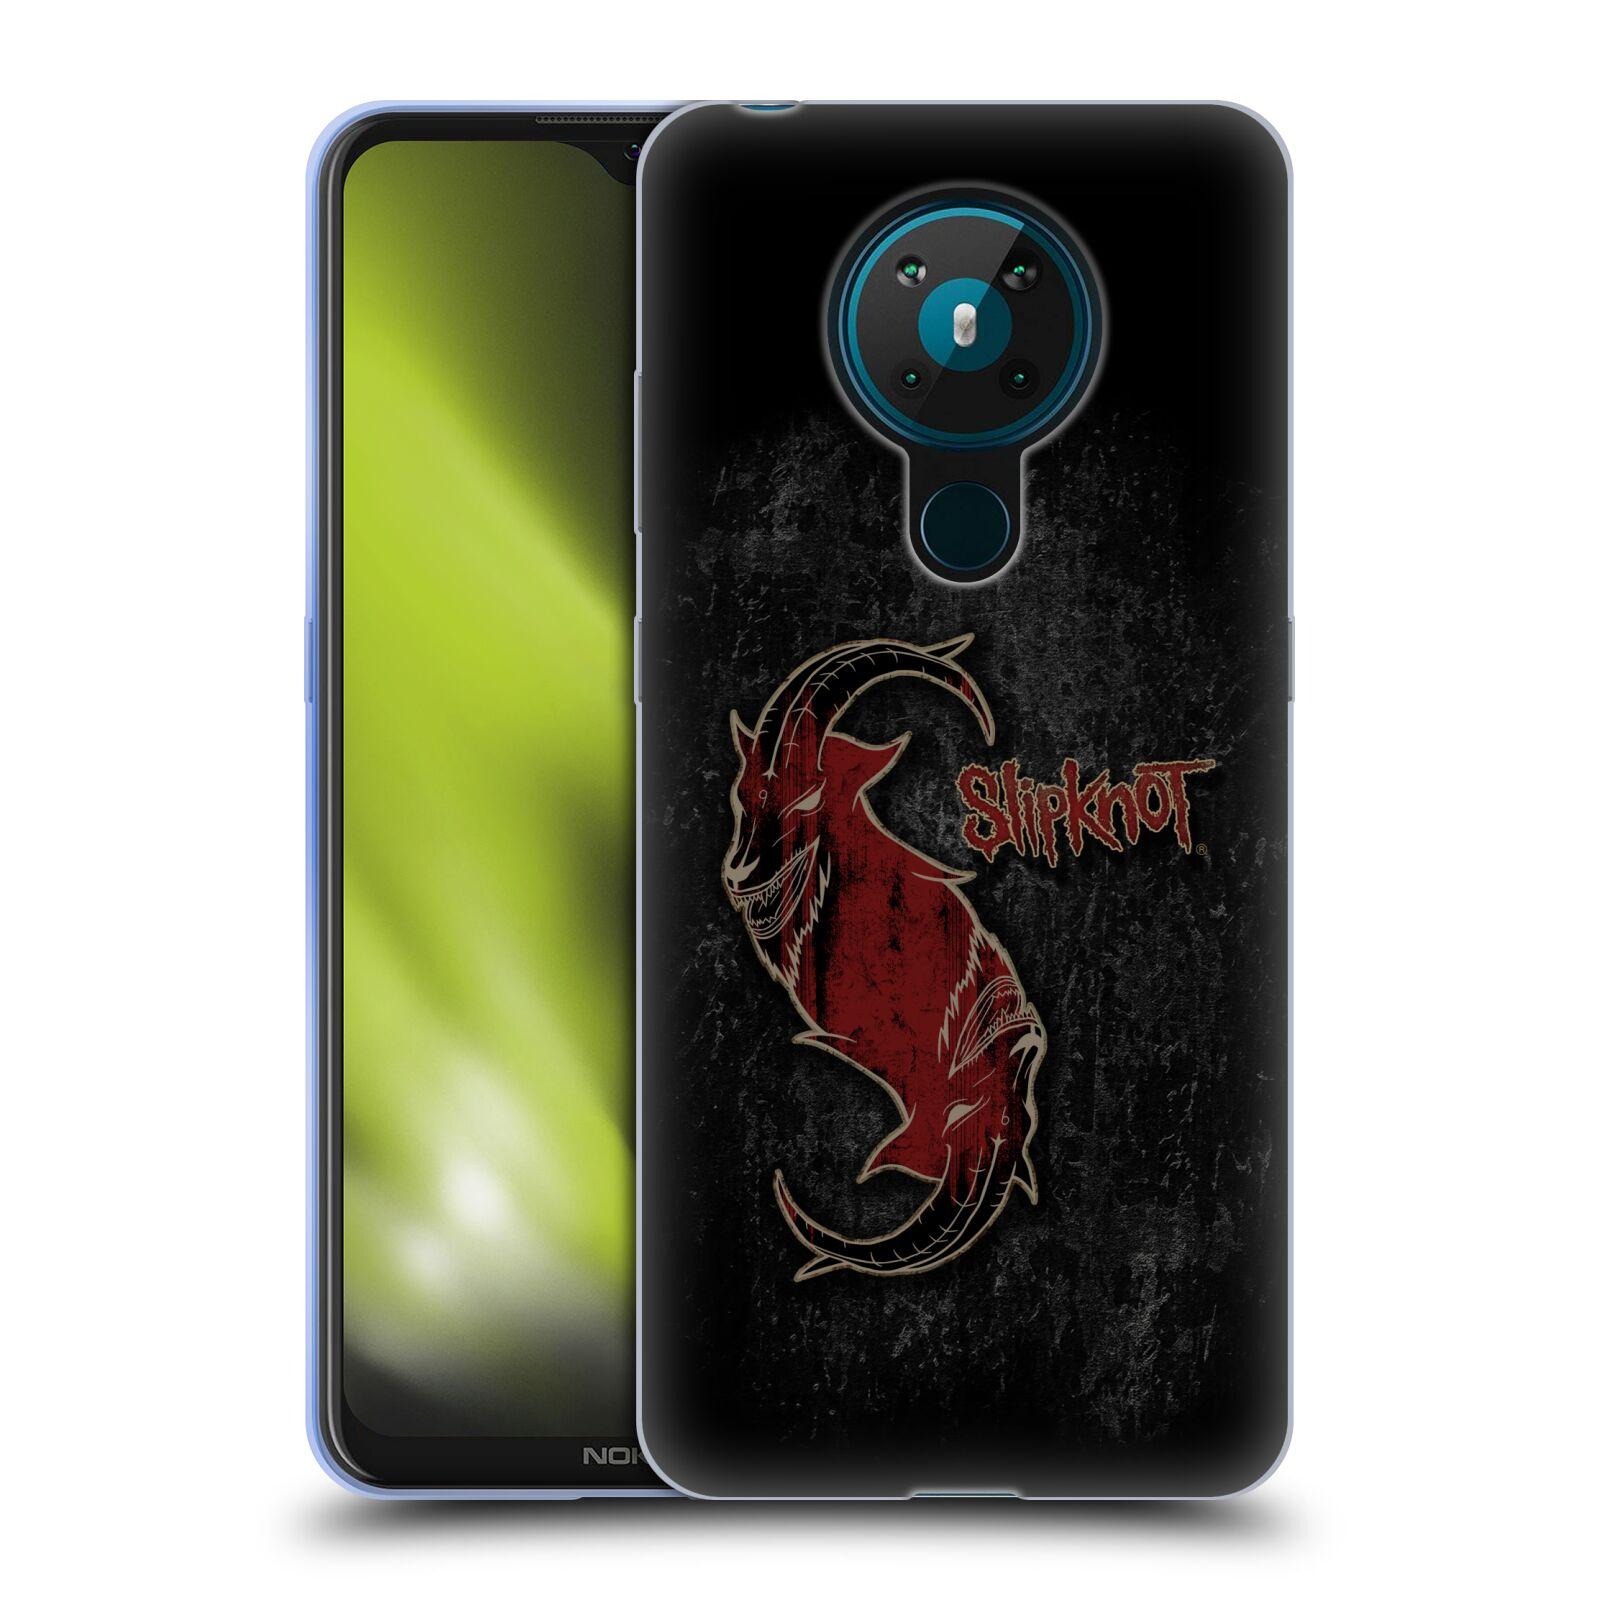 Silikonové pouzdro na mobil Nokia 5.3 - Head Case - Slipknot - Rudý kozel